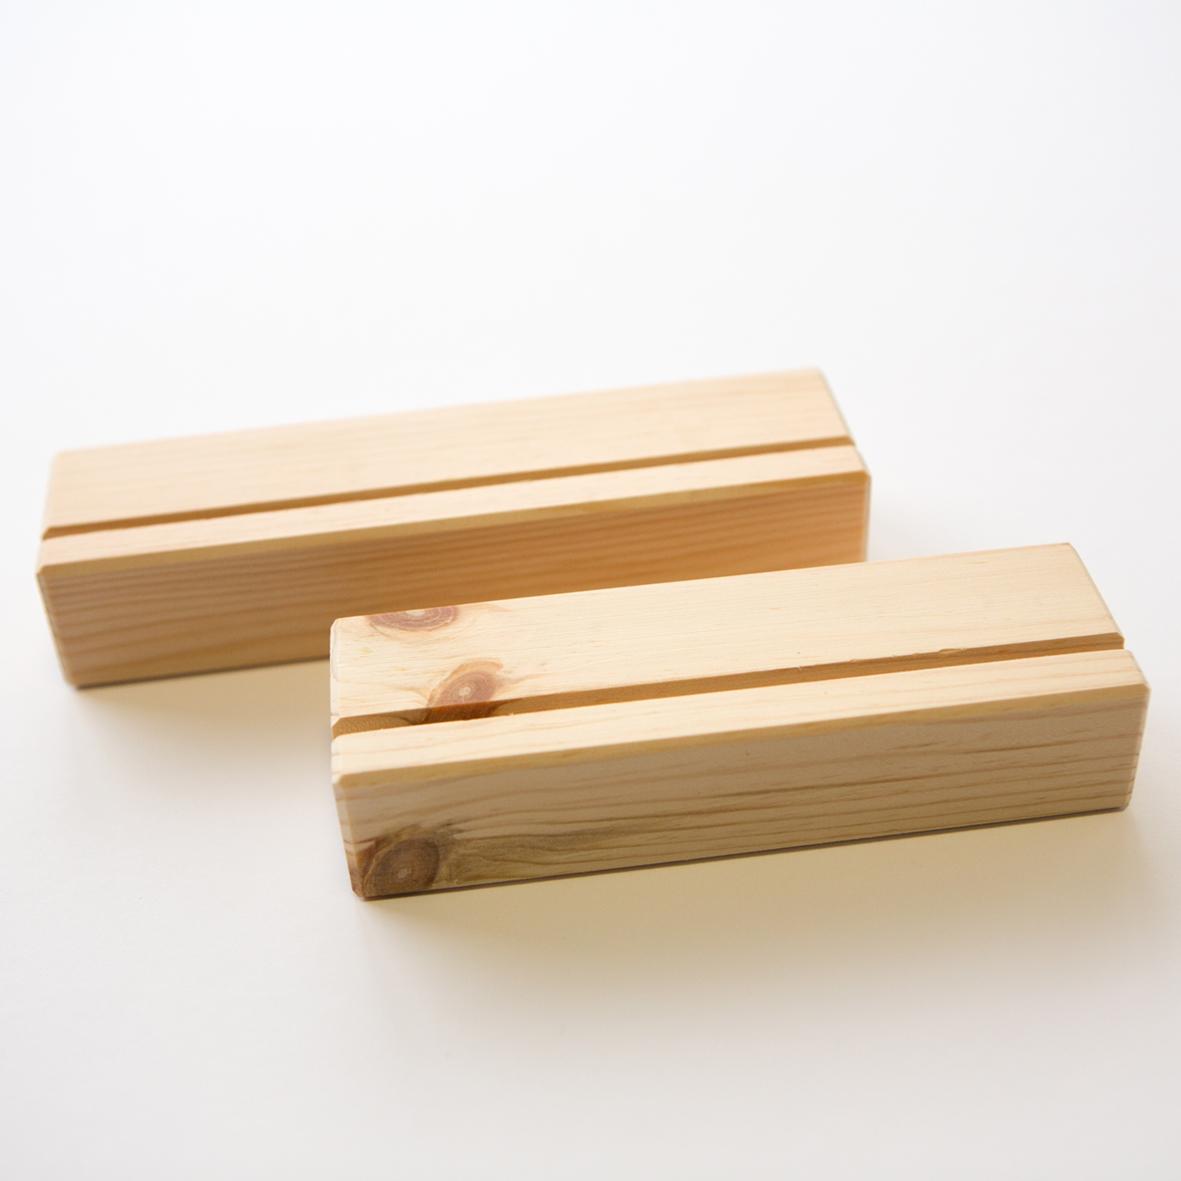 無料プレゼント! - ファインアートプリントパックを買うと木のスタンドは無料プレゼントになります!※一個は無料になります。※別売りで一個¥1,500になります。